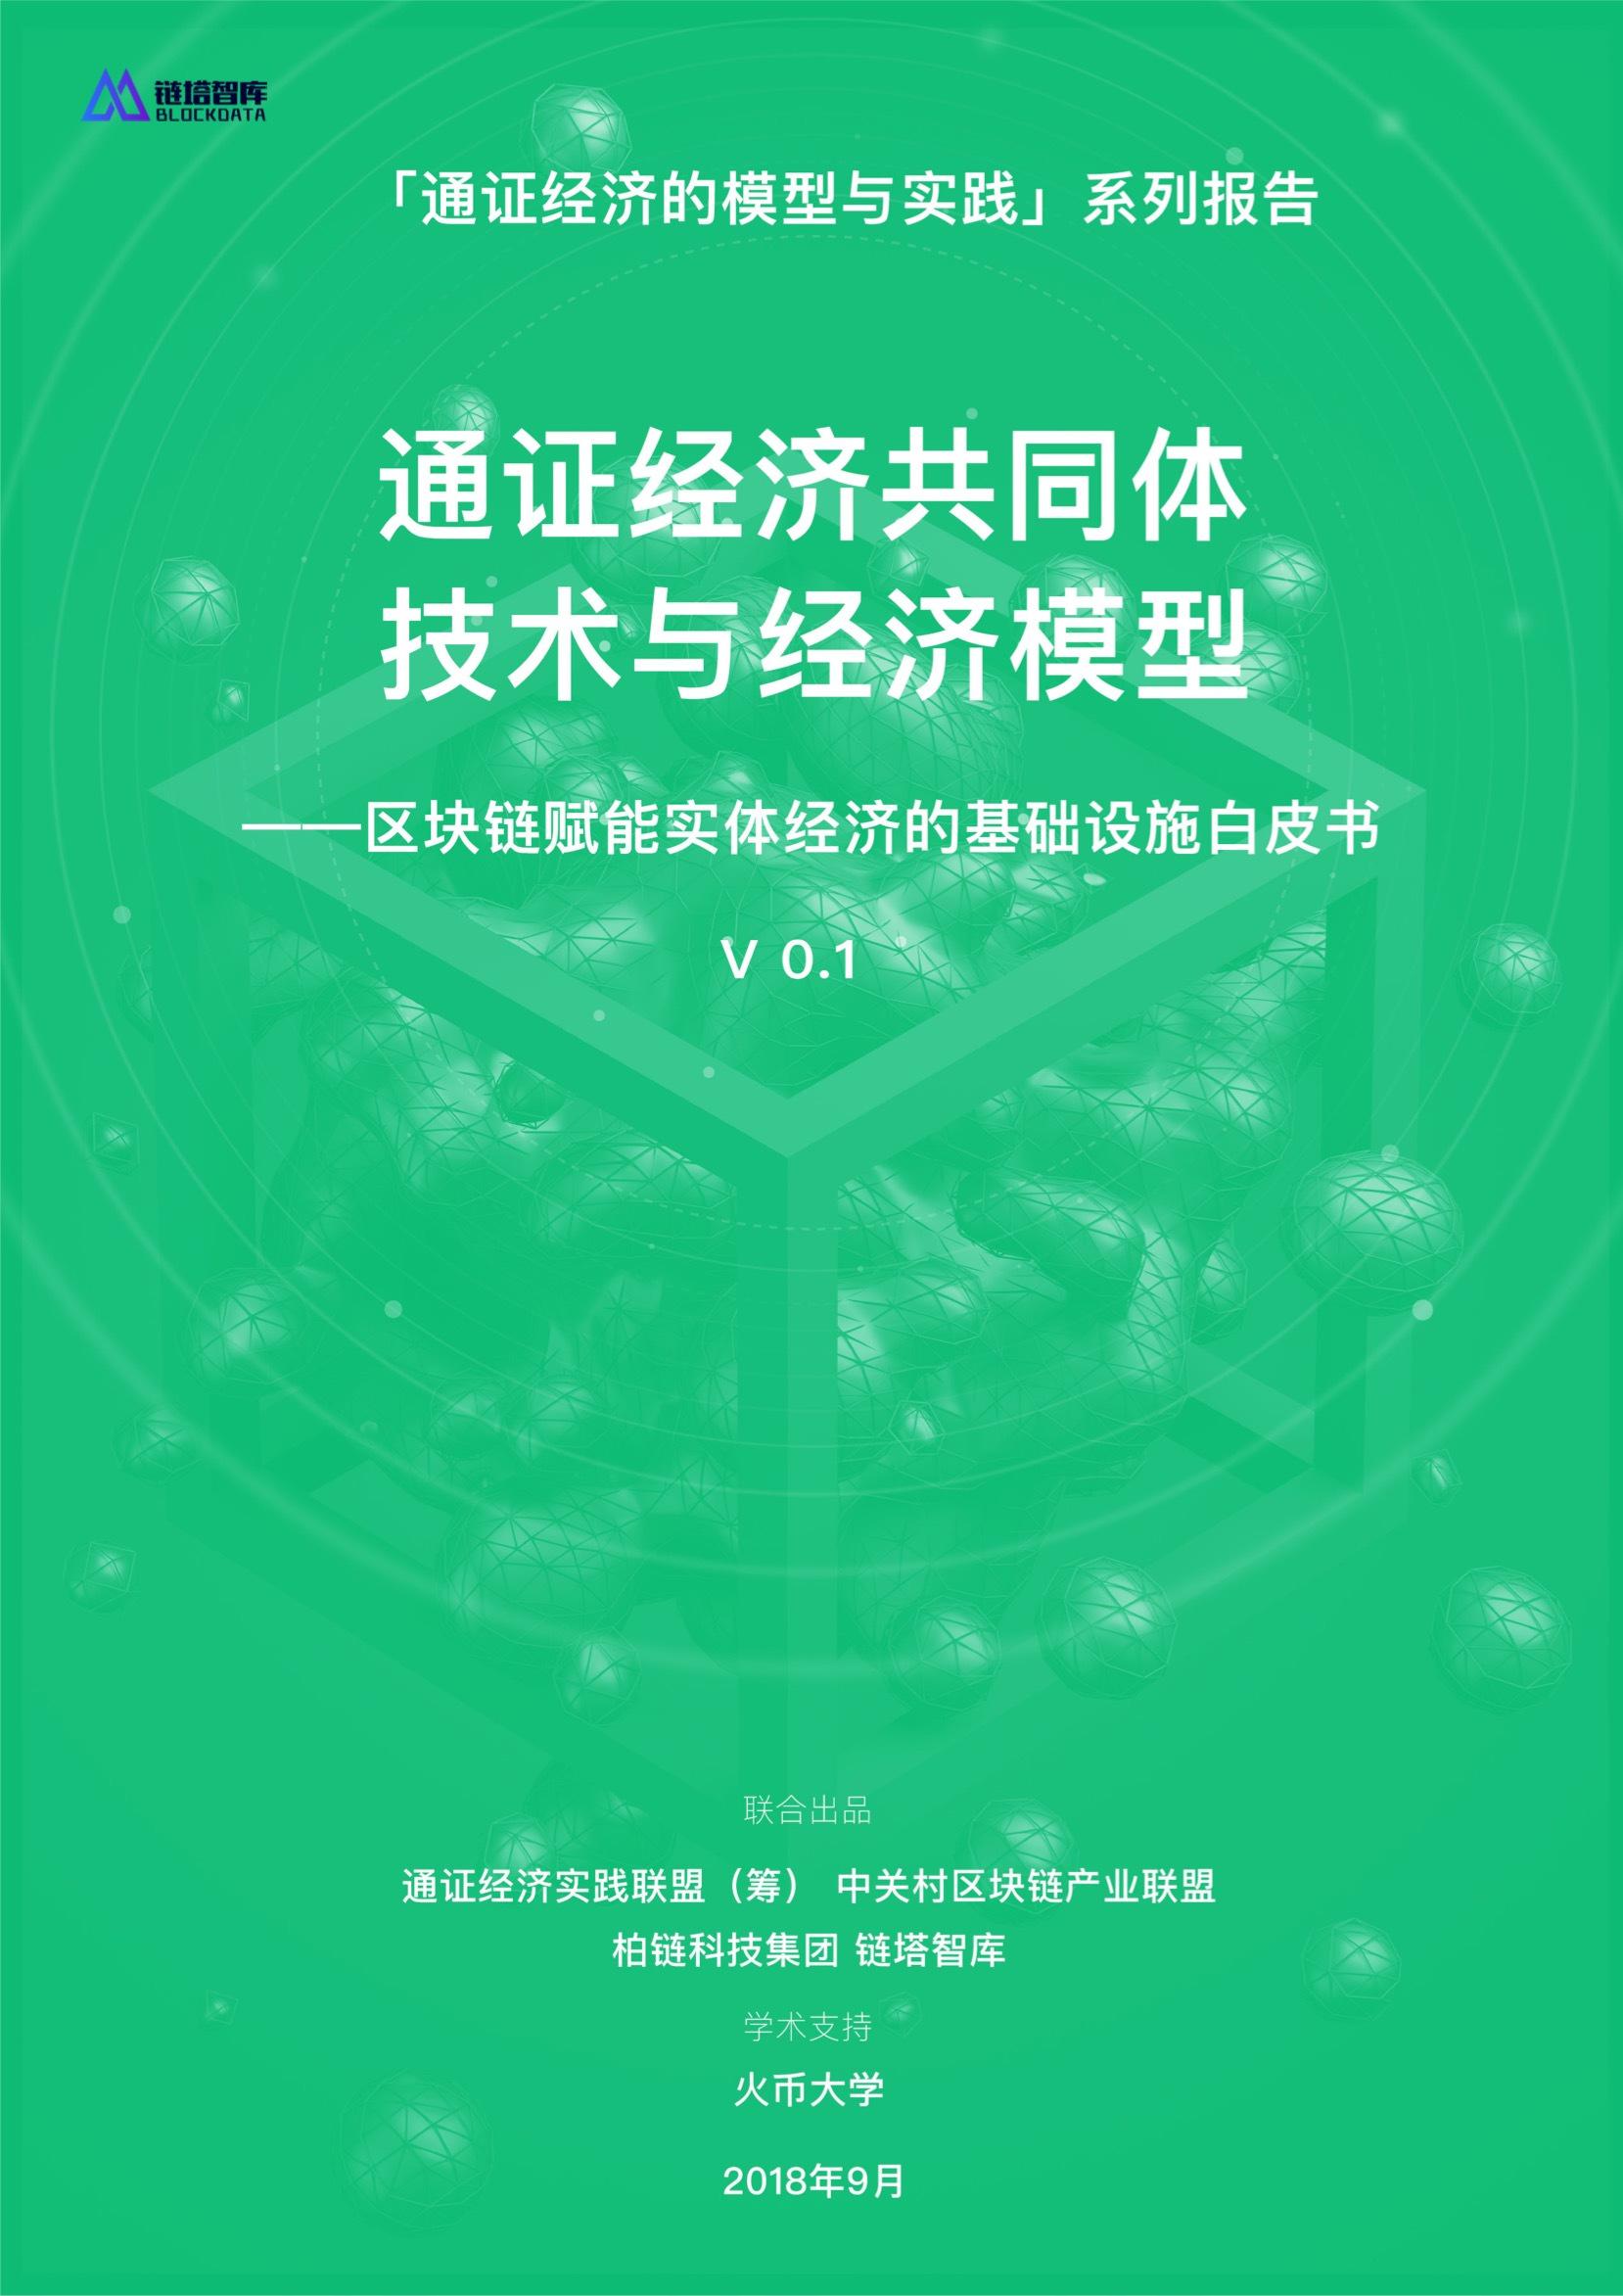 通證經濟共同體技術與經濟模型——區塊鏈賦能實體經濟的基礎設施白皮書V0.1   鏈塔智庫